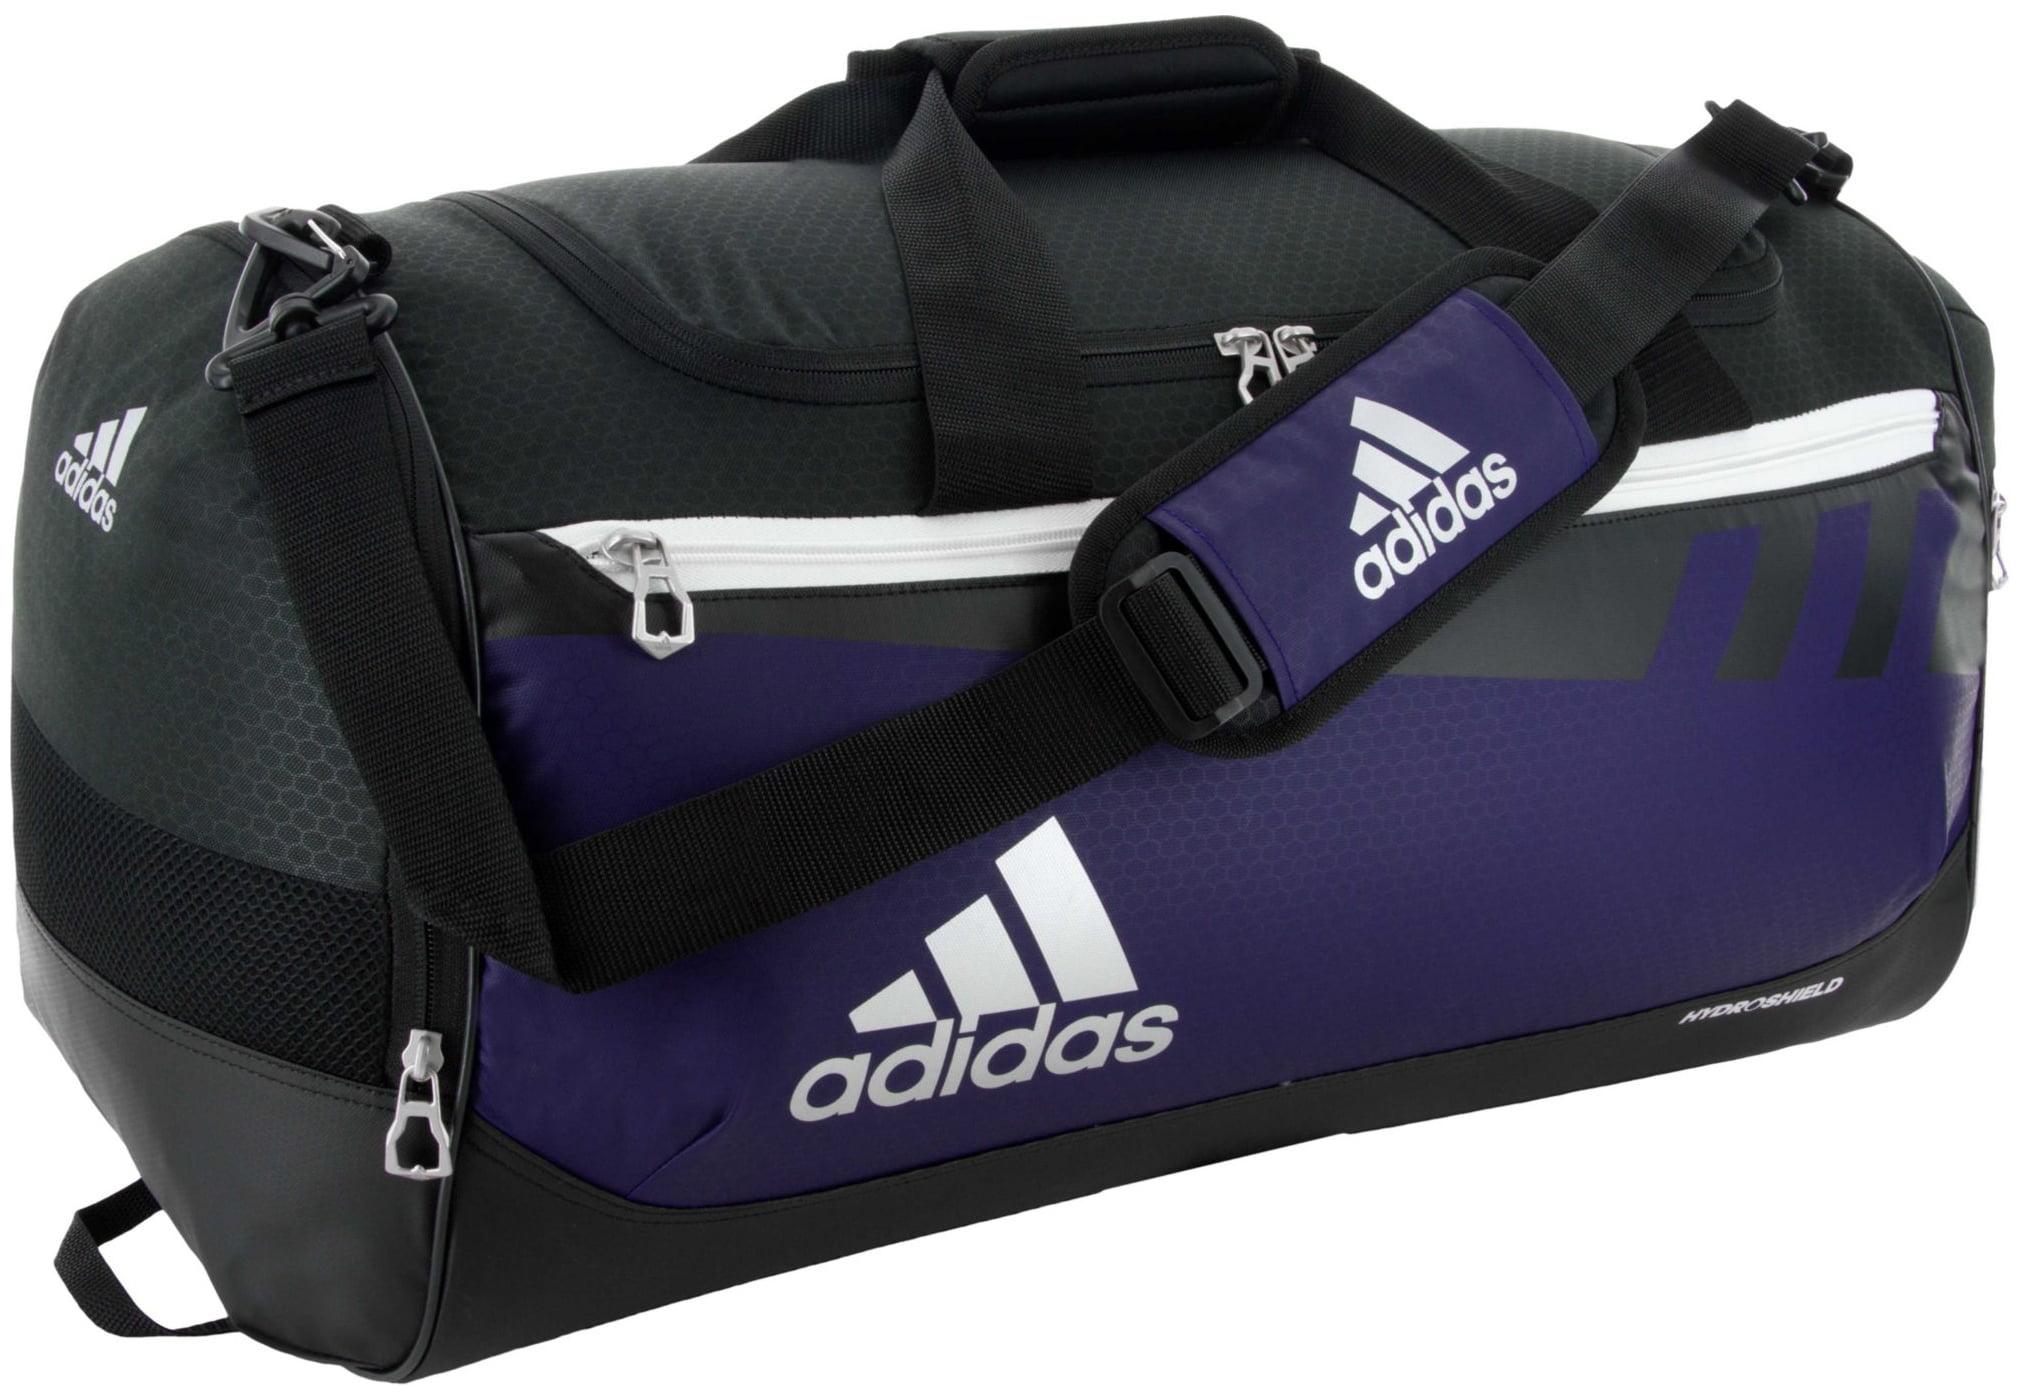 adidas Team Issue Medium Duffle Bag by Adidas